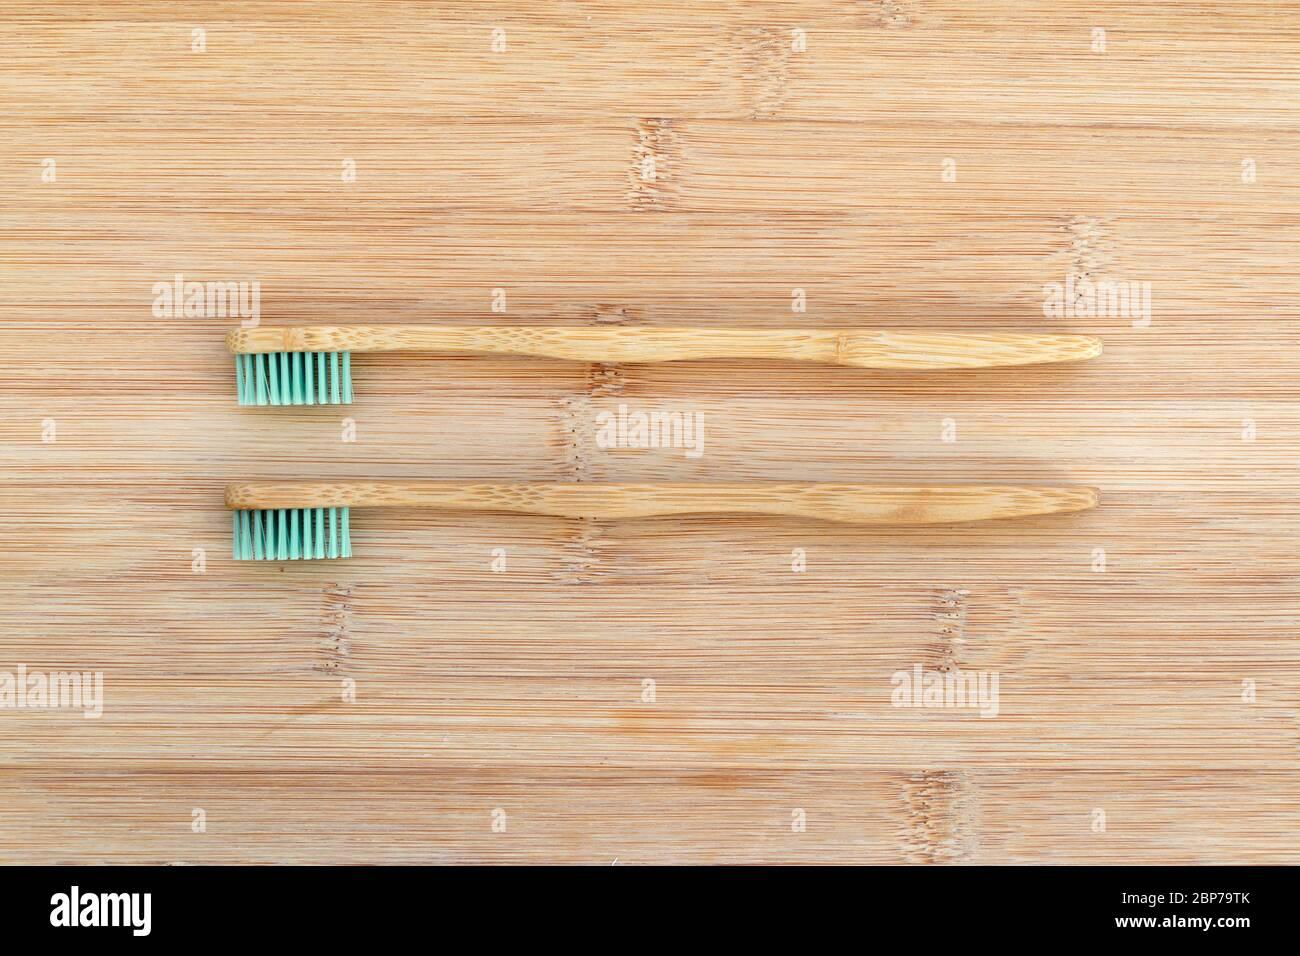 Ensemble de deux brosses à dents en bambou sur fond de bois. Zéro déchet, matériau biodégradable, concept d'environnement Banque D'Images